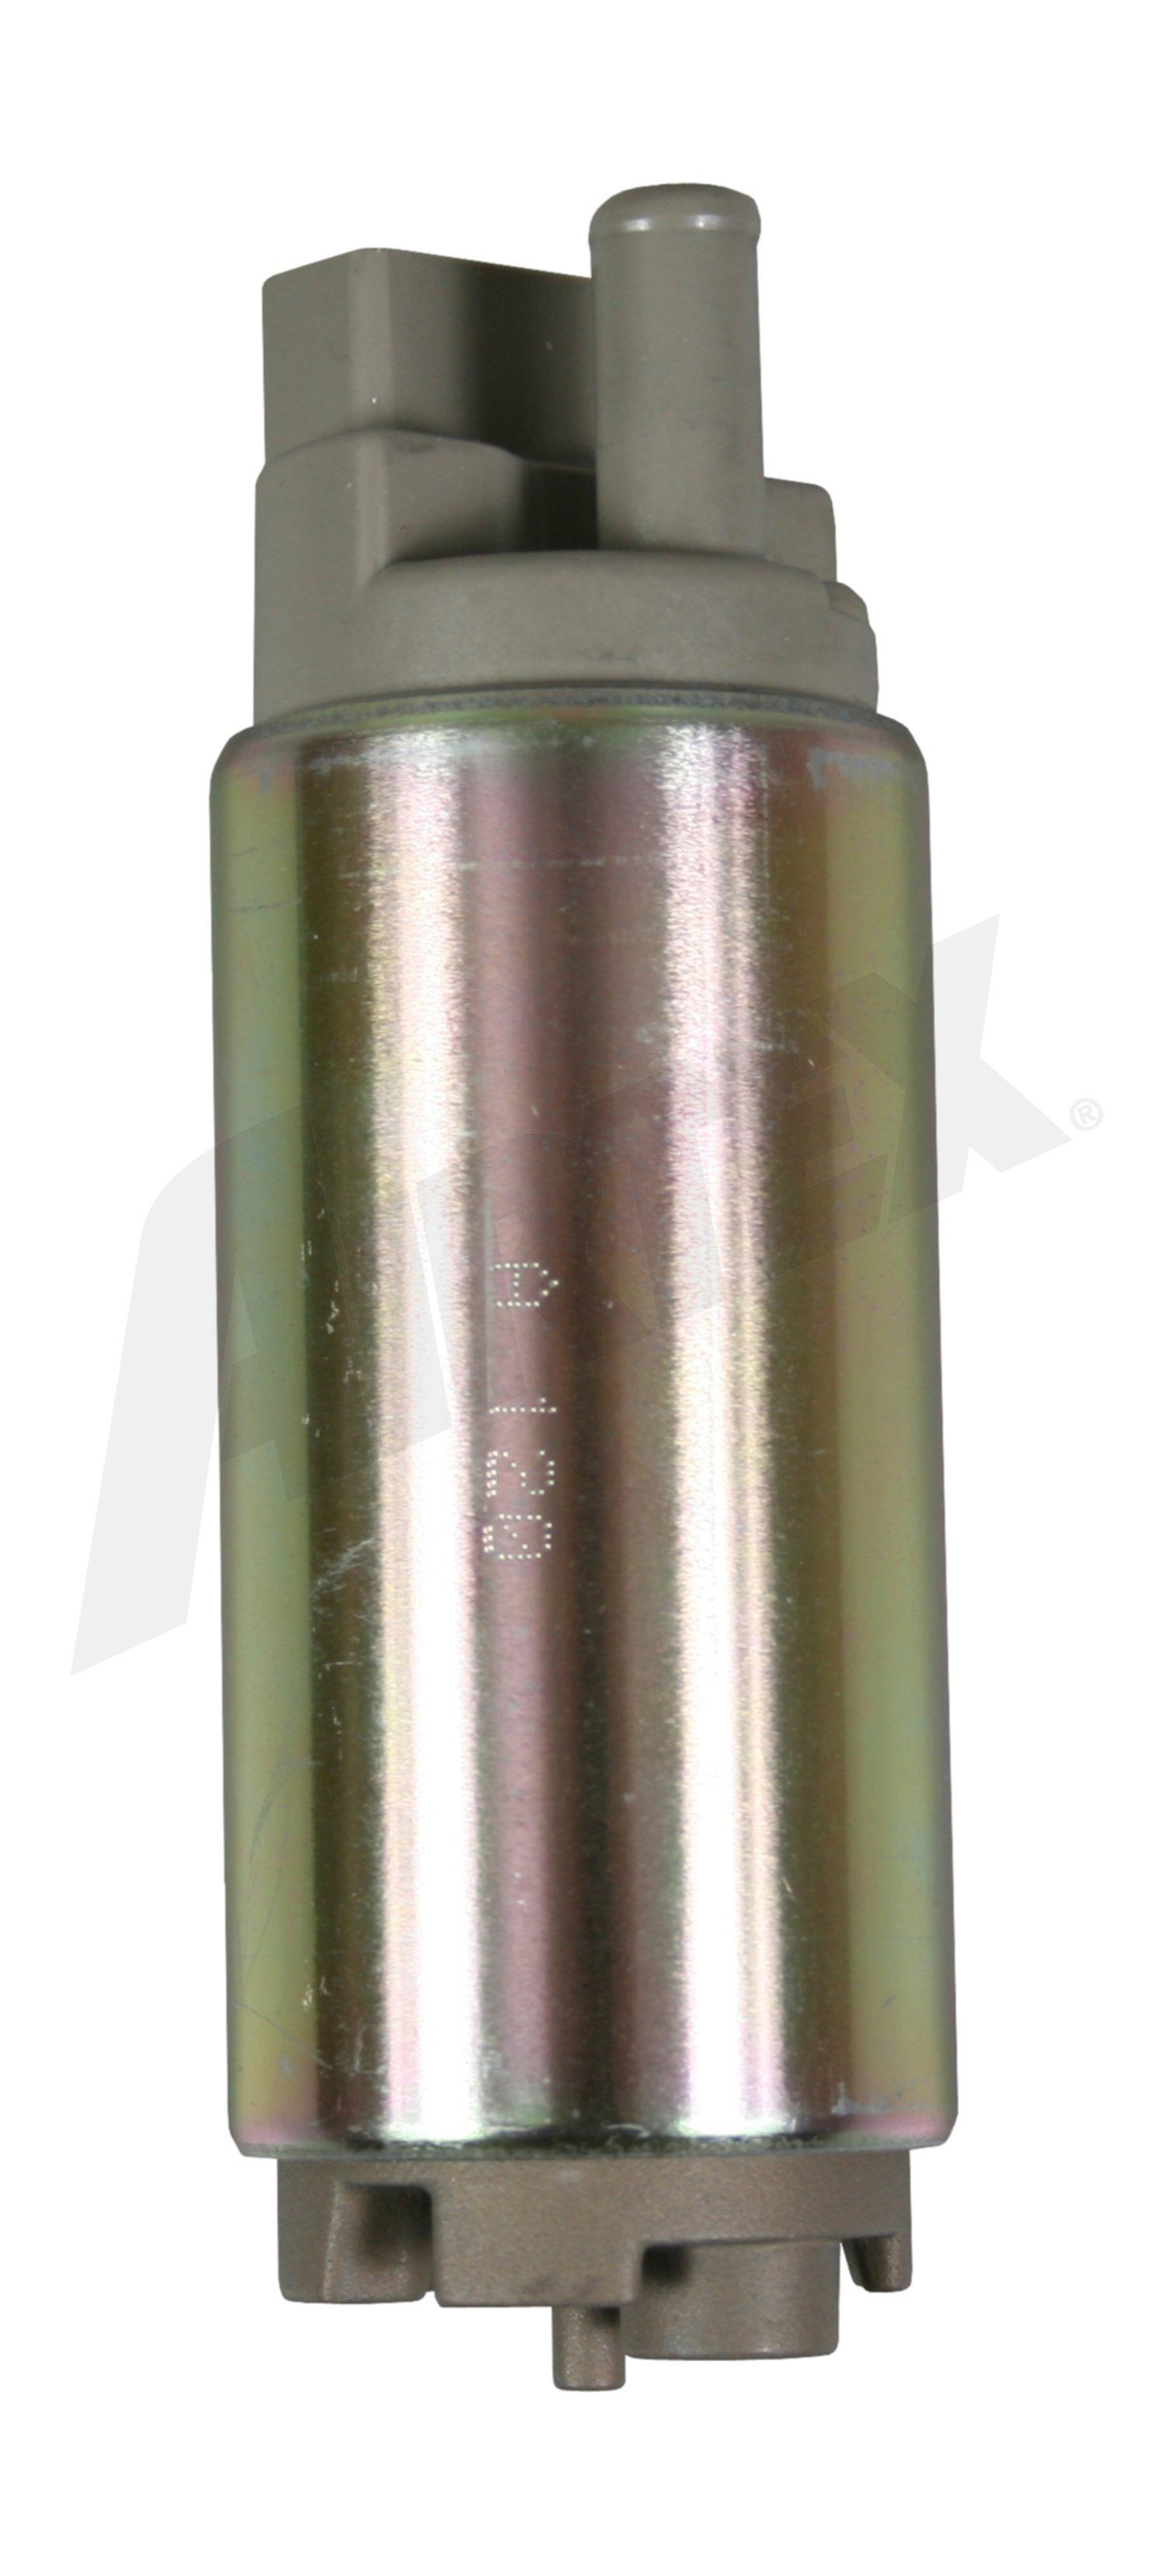 Airtex Fuel Pumps E8804 Electric Fuel Pump Fits 2010-2010 Toyota 4Runner